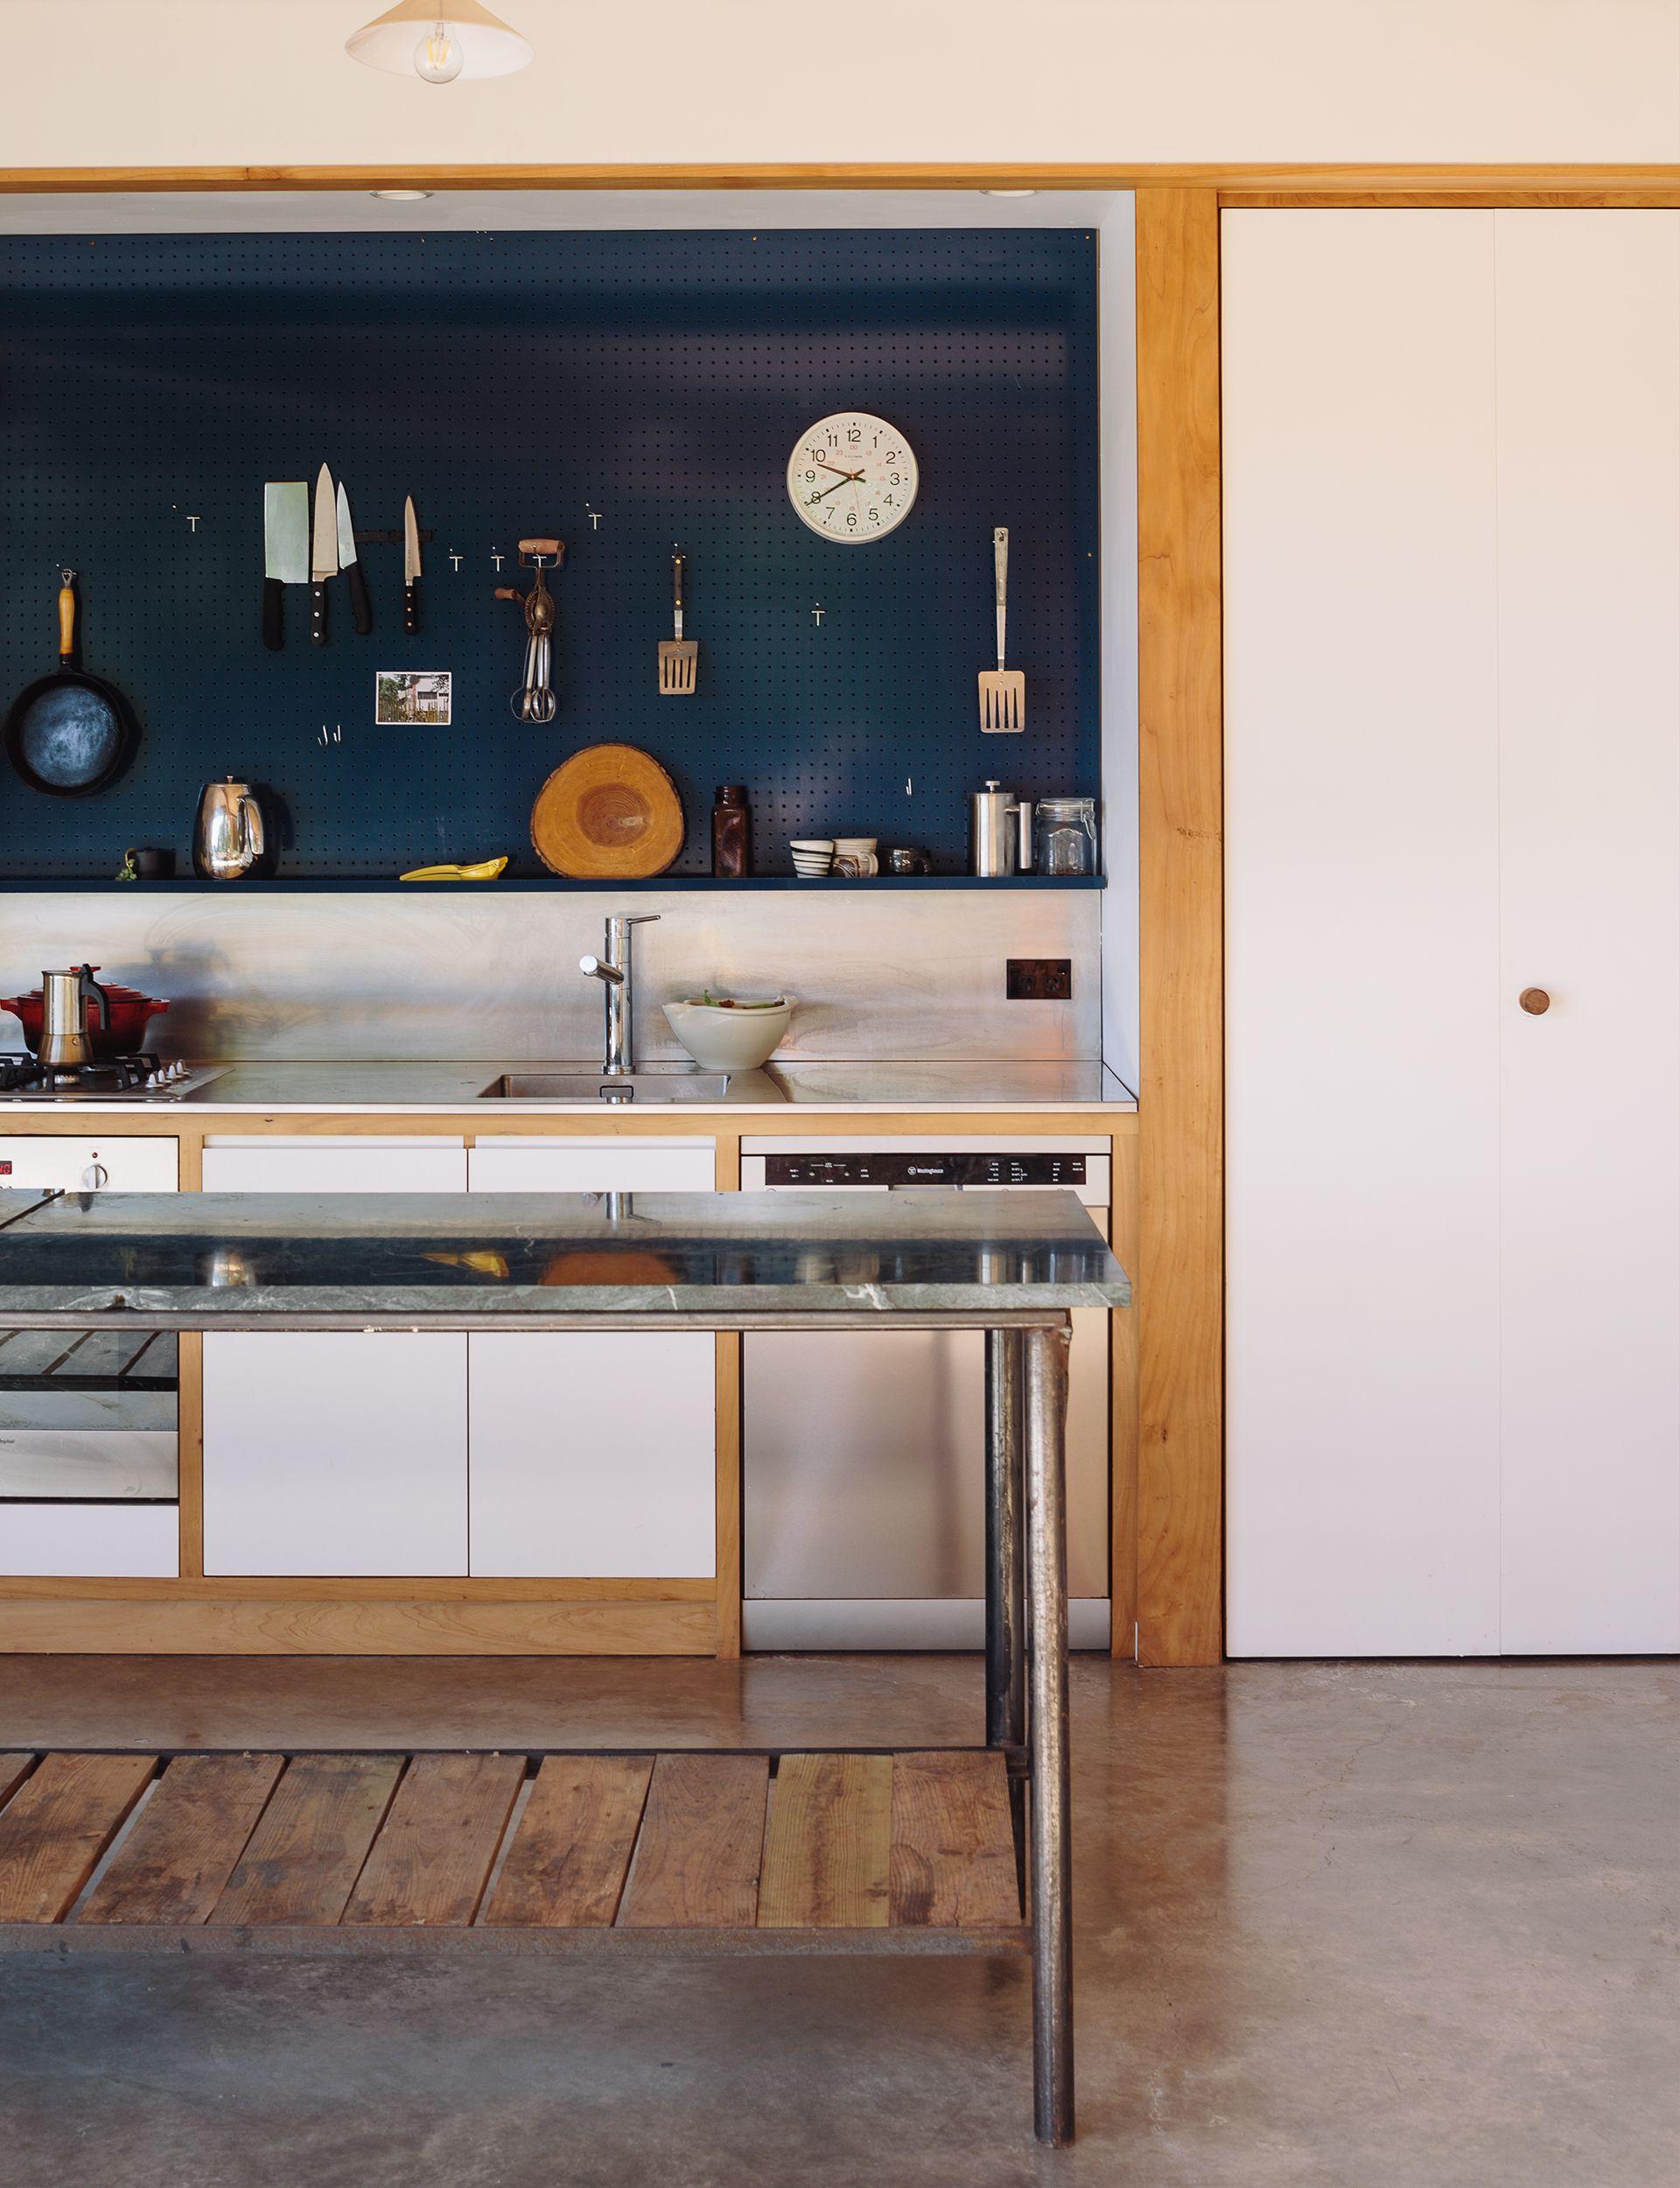 Bestsmallhome kitchen pinterest design trends